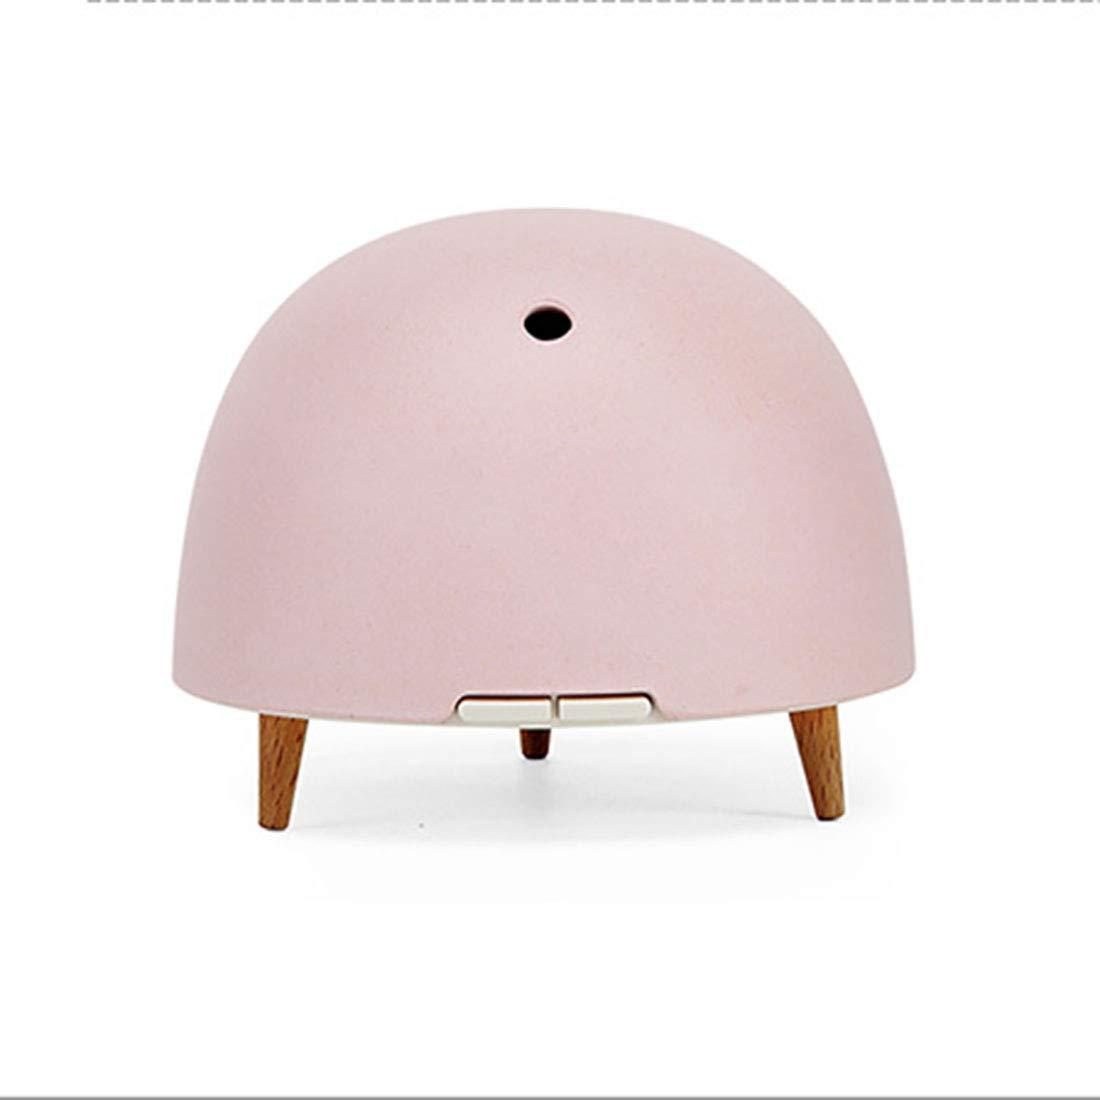 セール特価 加湿器かわいい創造的な家の香りランプベッドルームリビングルームのオフィス超音波ミュート空気加湿器噴霧器マルチカラー A++ (色 : (色 Pink) : B07KBD4B8L Pink B07KBD4B8L, DreamGolf:fd69bbef --- arianechie.dominiotemporario.com